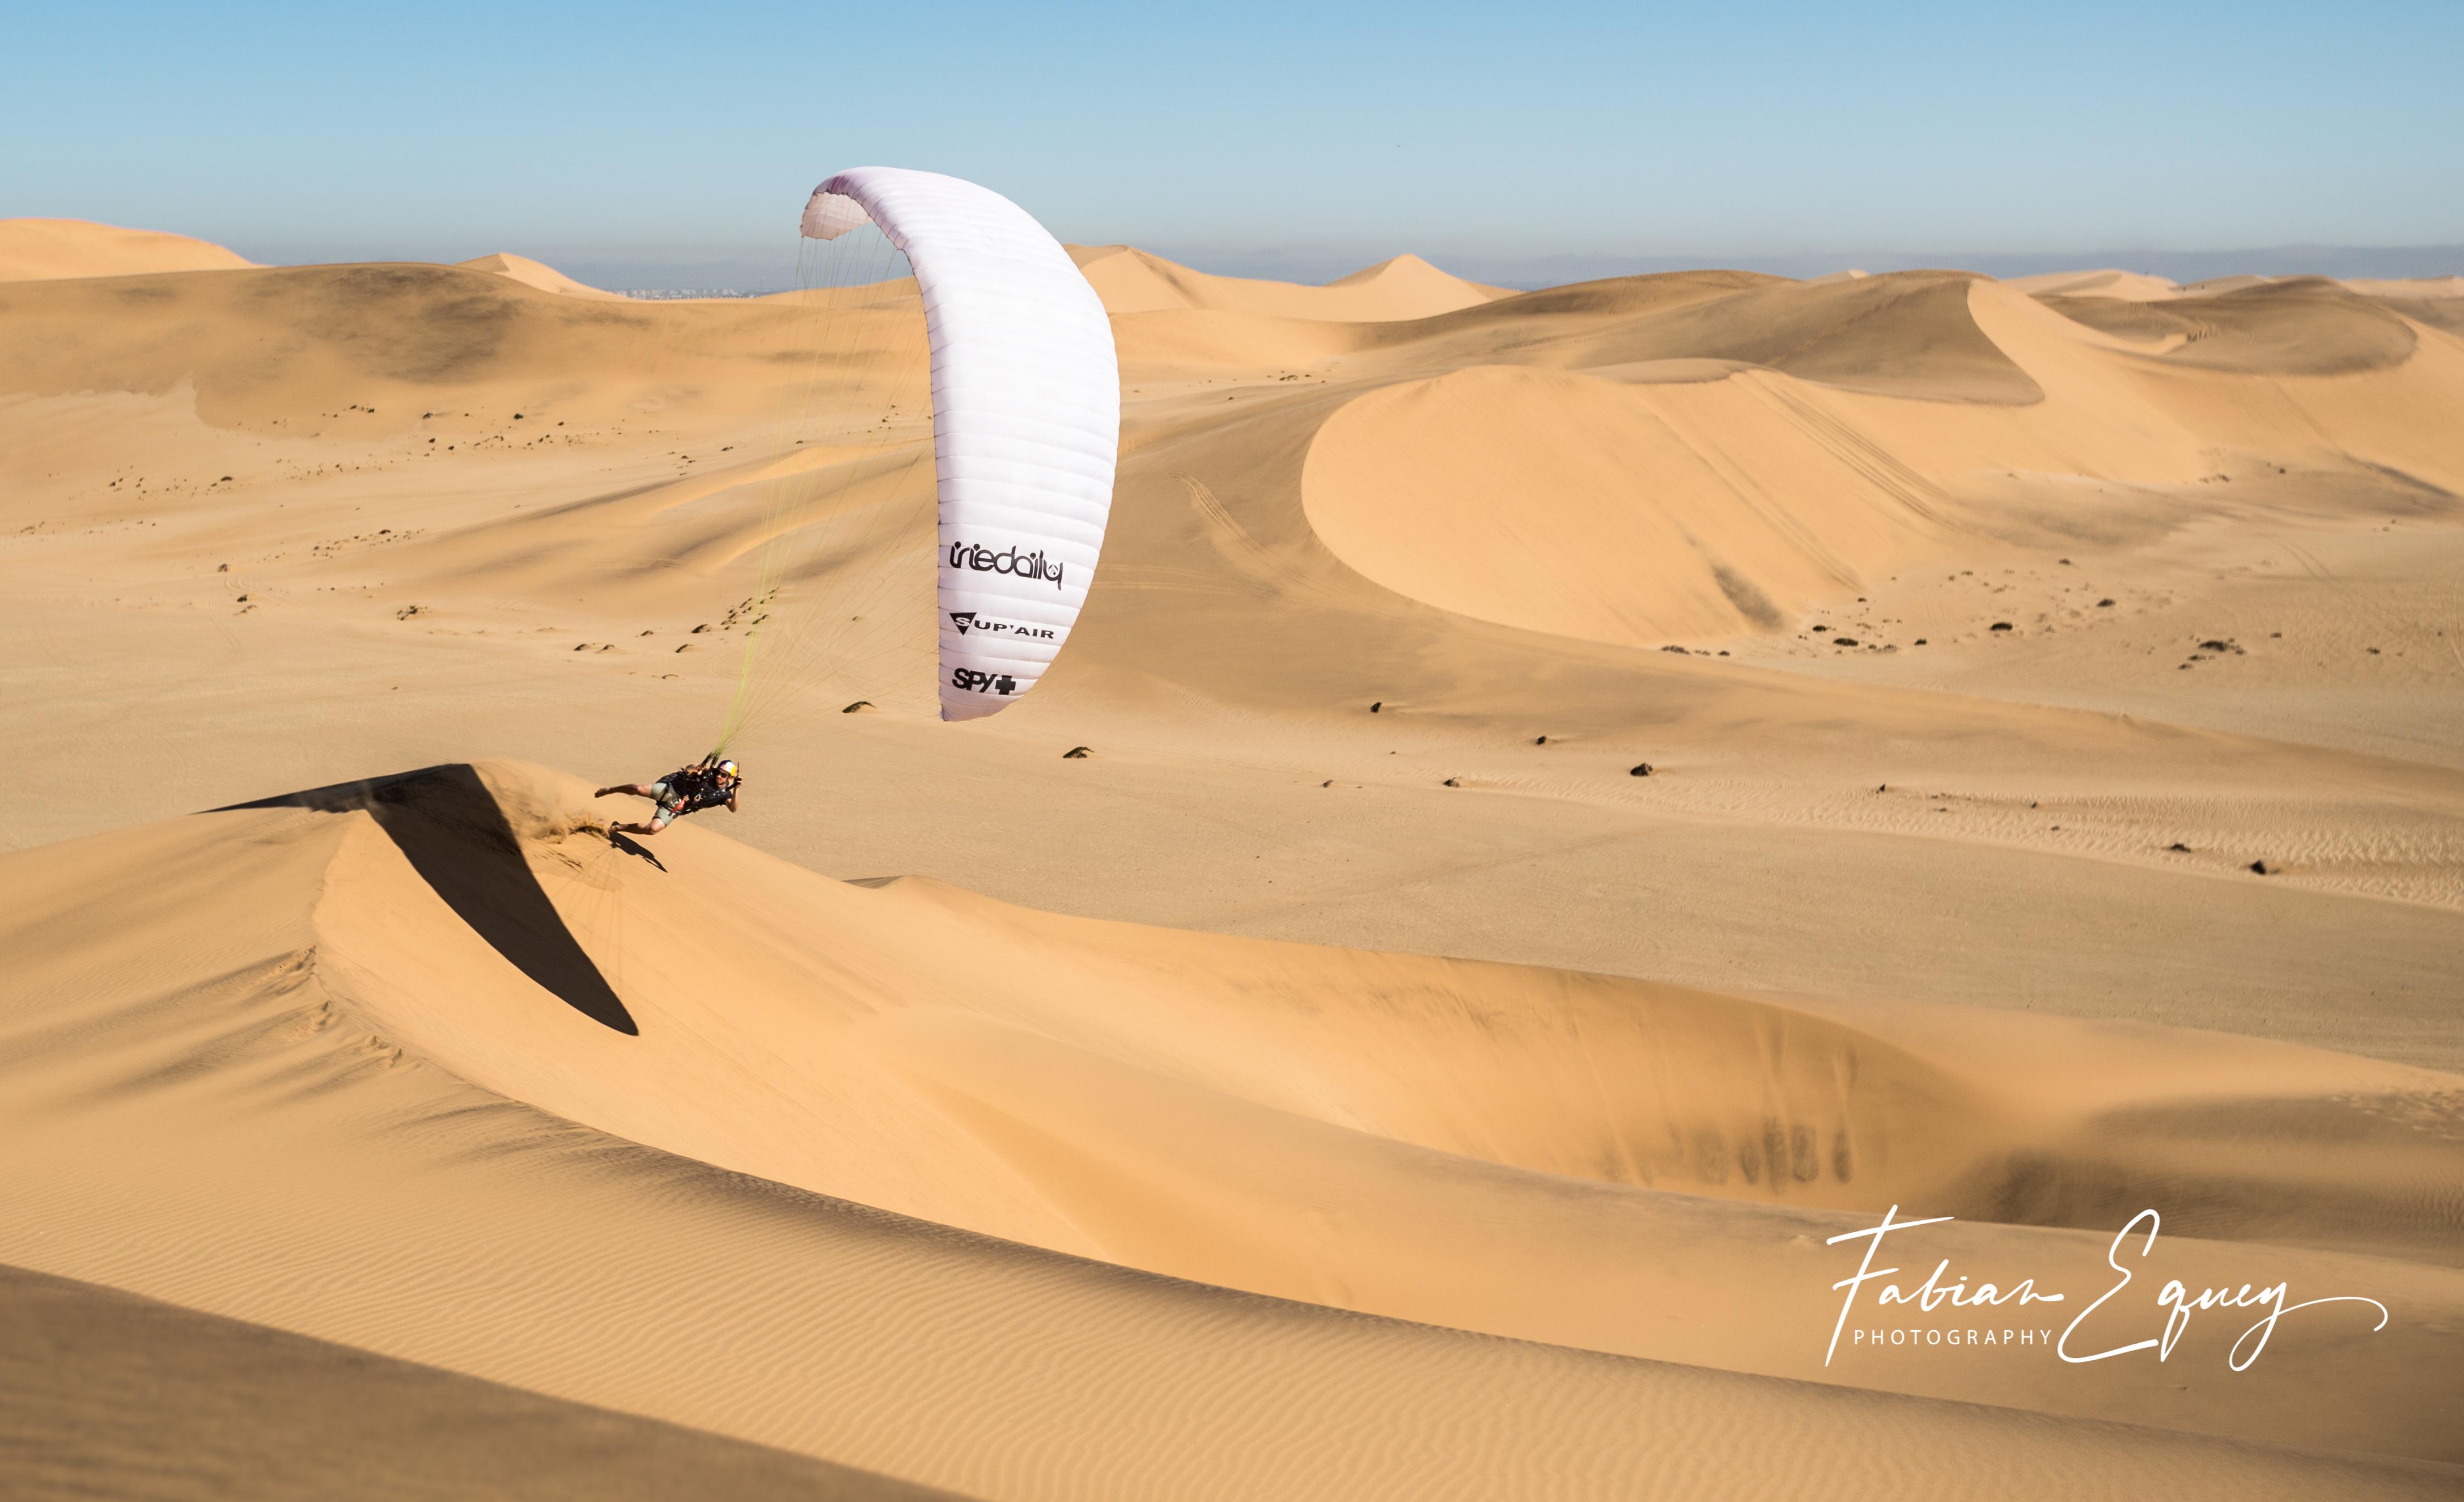 Tim Alongi, Namibia